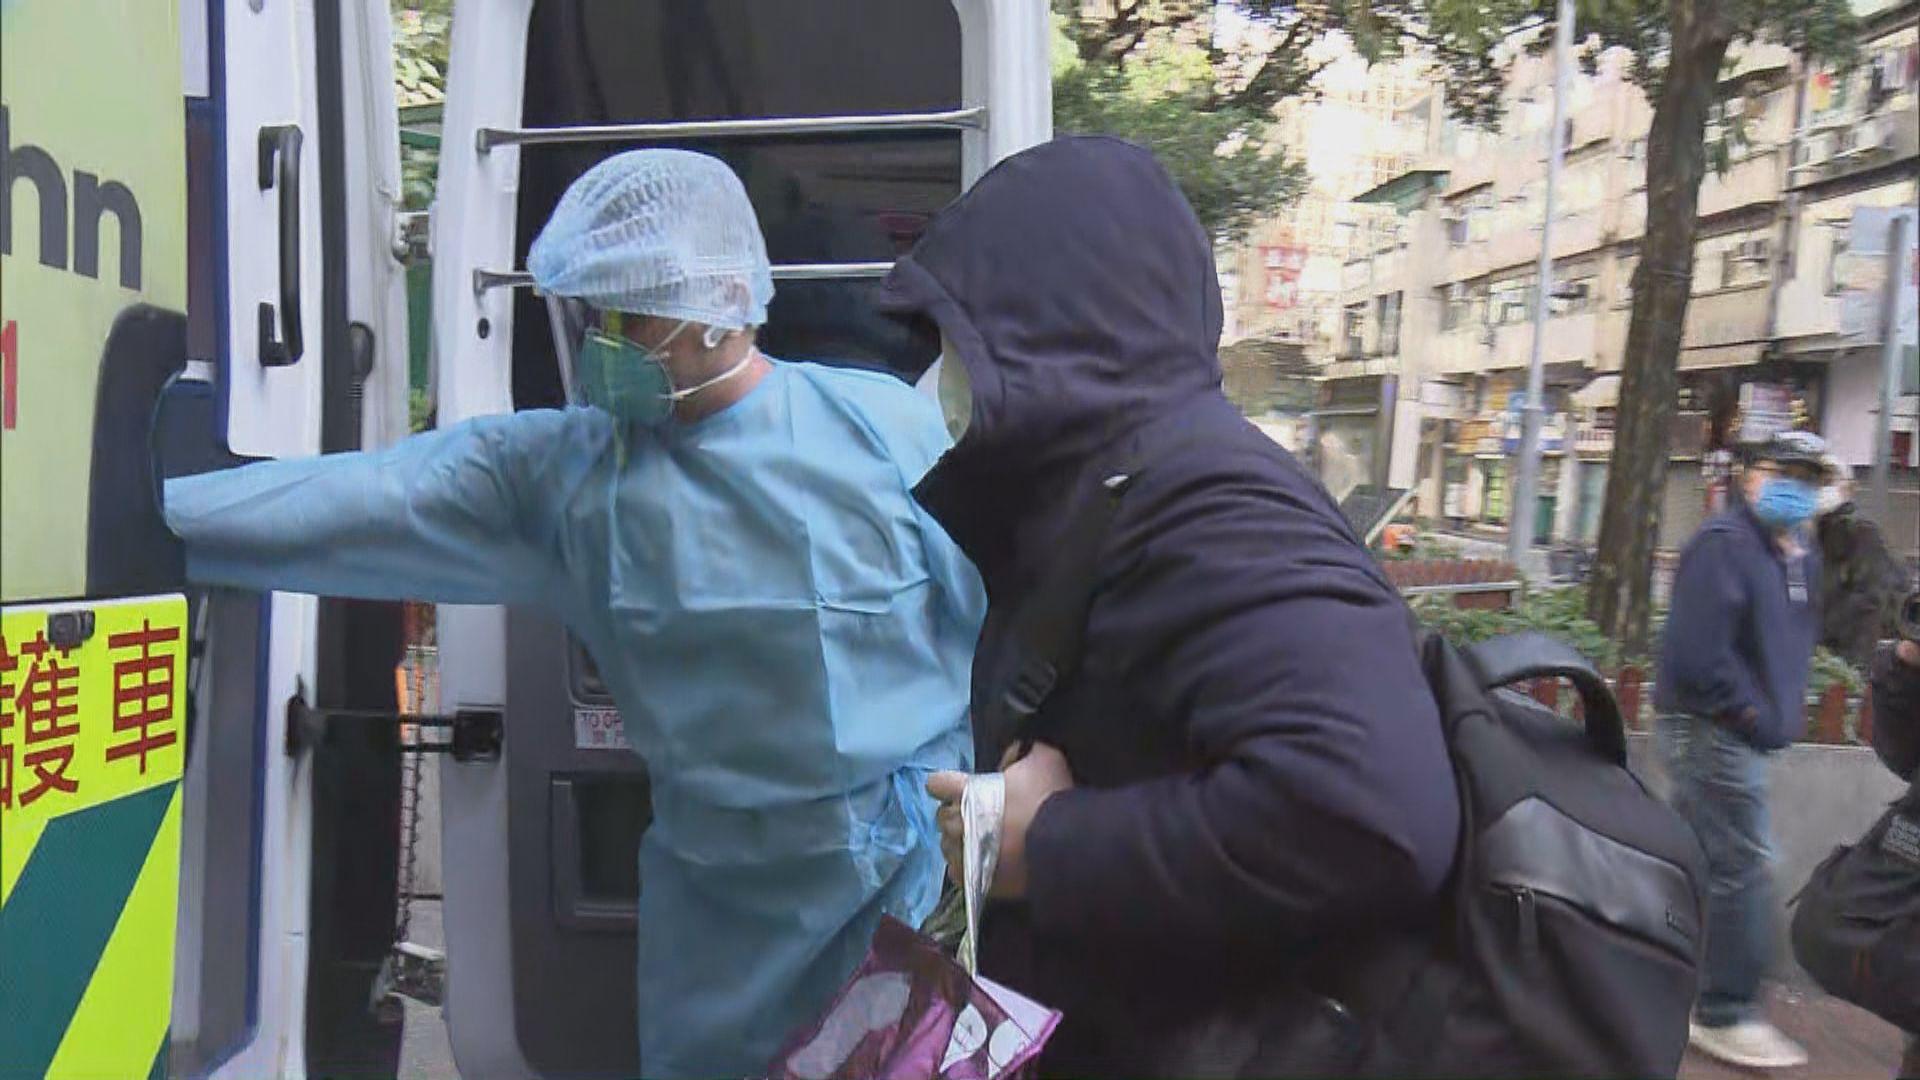 佐敦新填地街有唐樓居民撤離檢疫 區議員批安排倉促